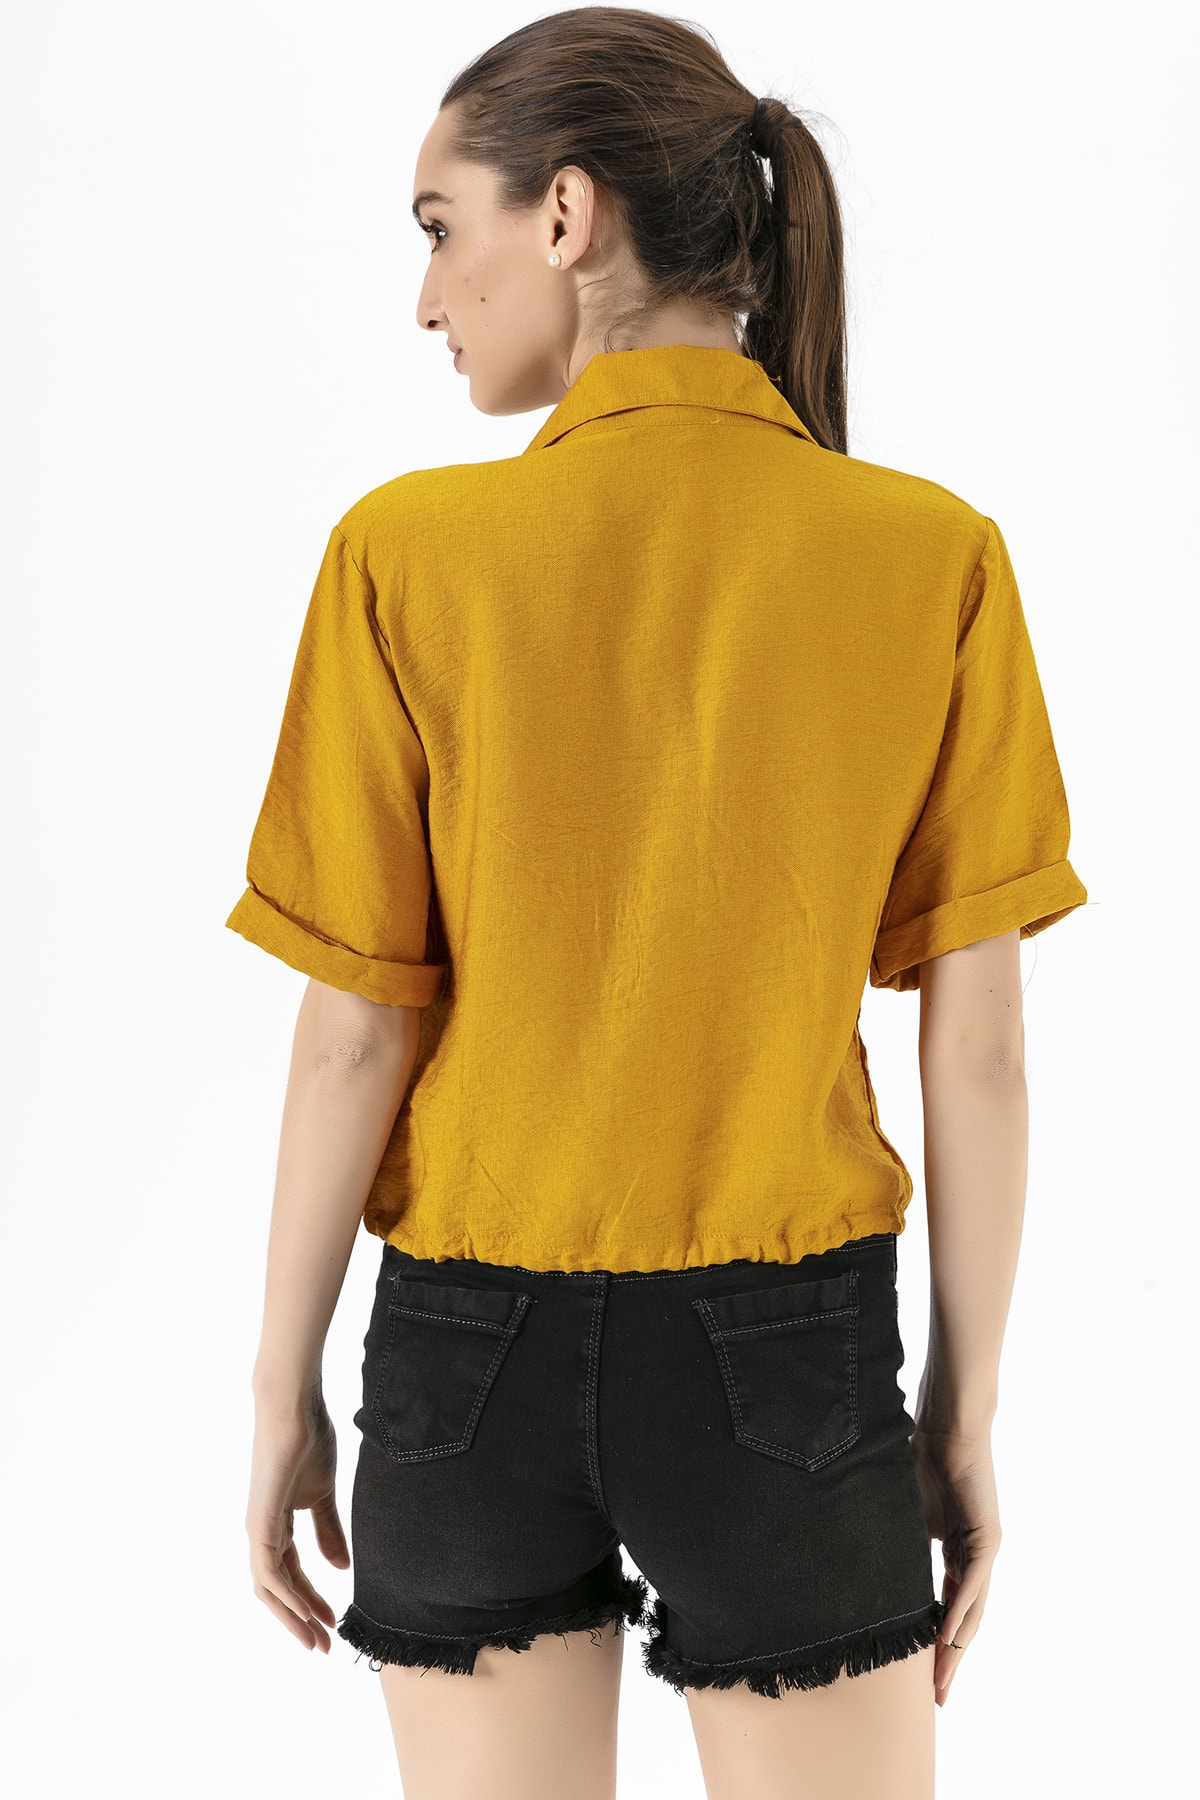 EMJEY Kadın Hardal Beli Bağcıklı Gömlek She020Y010002 3